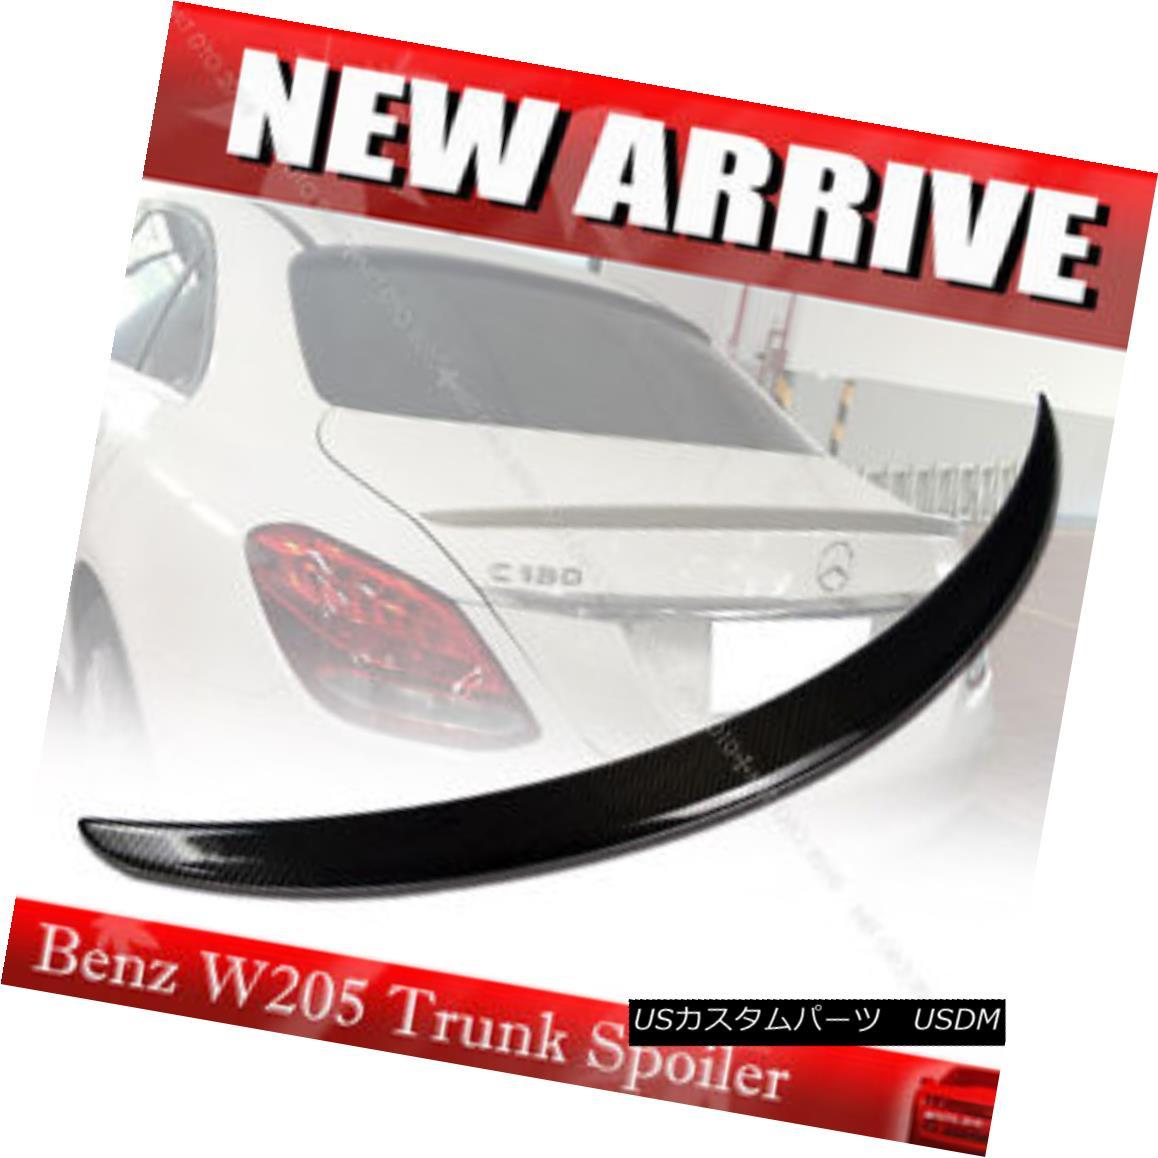 エアロパーツ Carbon Fiber Mercedes BENZ W205 C-class Sedan A Type Rear Trunk Spoiler § 炭素繊維メルセデスベンツW205 CクラスセダンAタイプリアトランクスポイラー